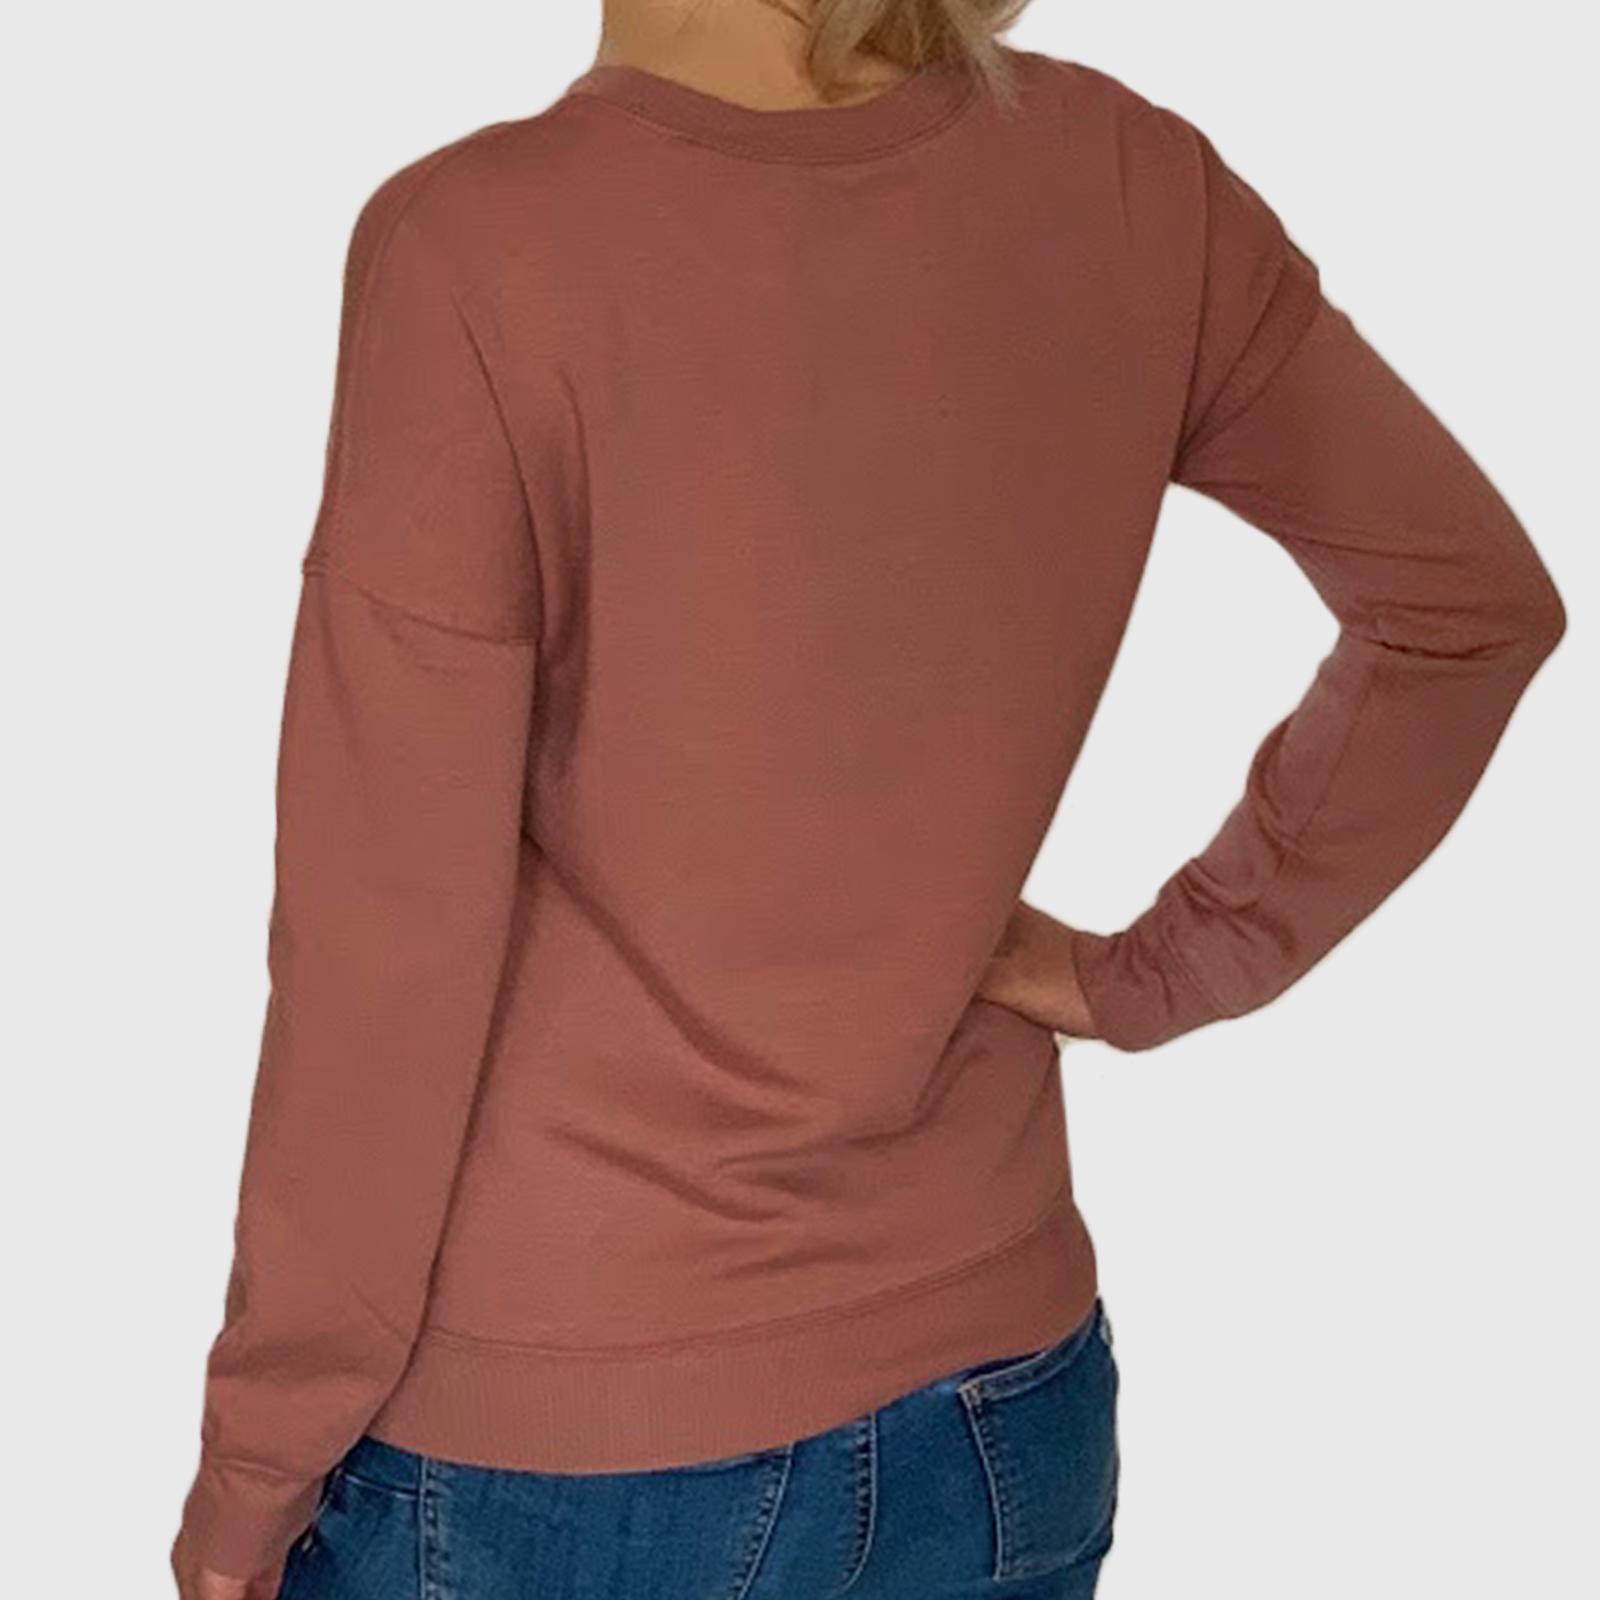 Купить в интернет магазине бежевую женскую кофту для девушки